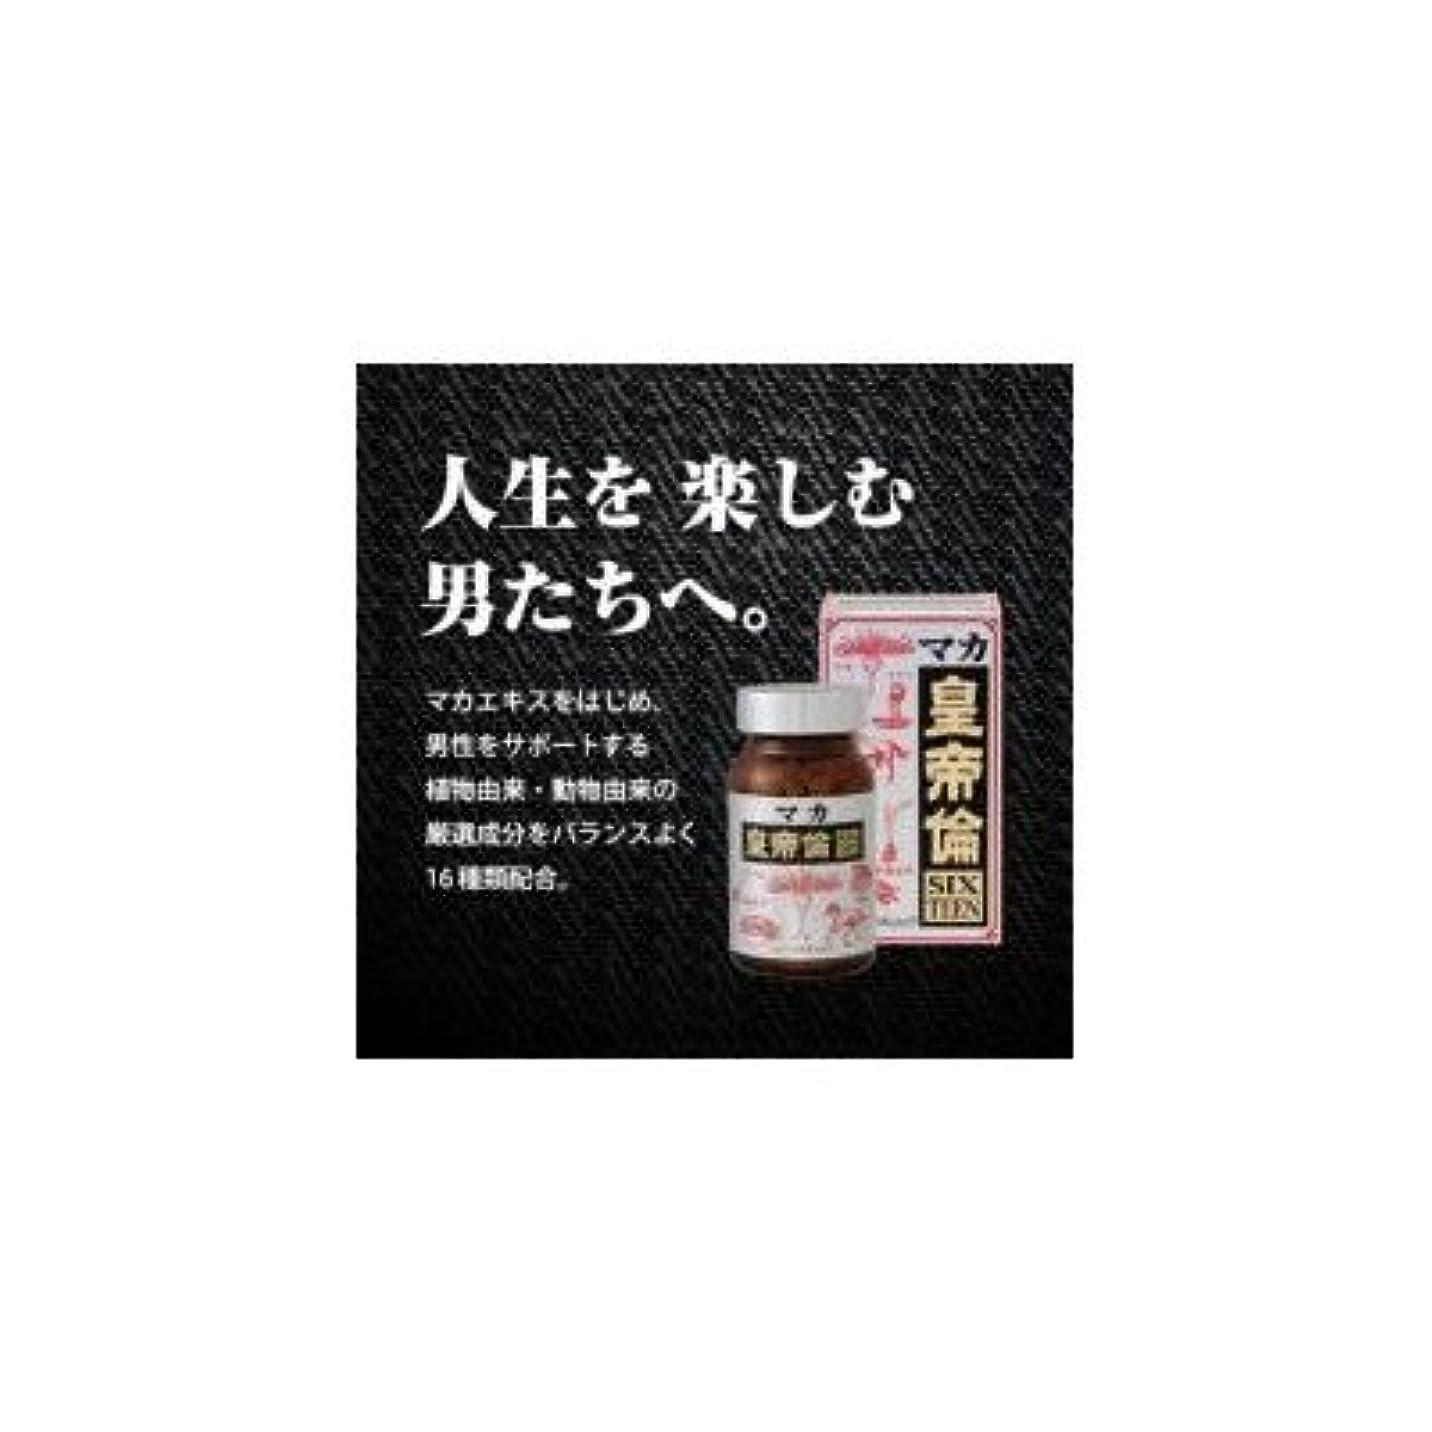 デマンドバター喜びメタボリック MDCマカ皇帝倫SIXTEEN 60g(300mg×200粒)